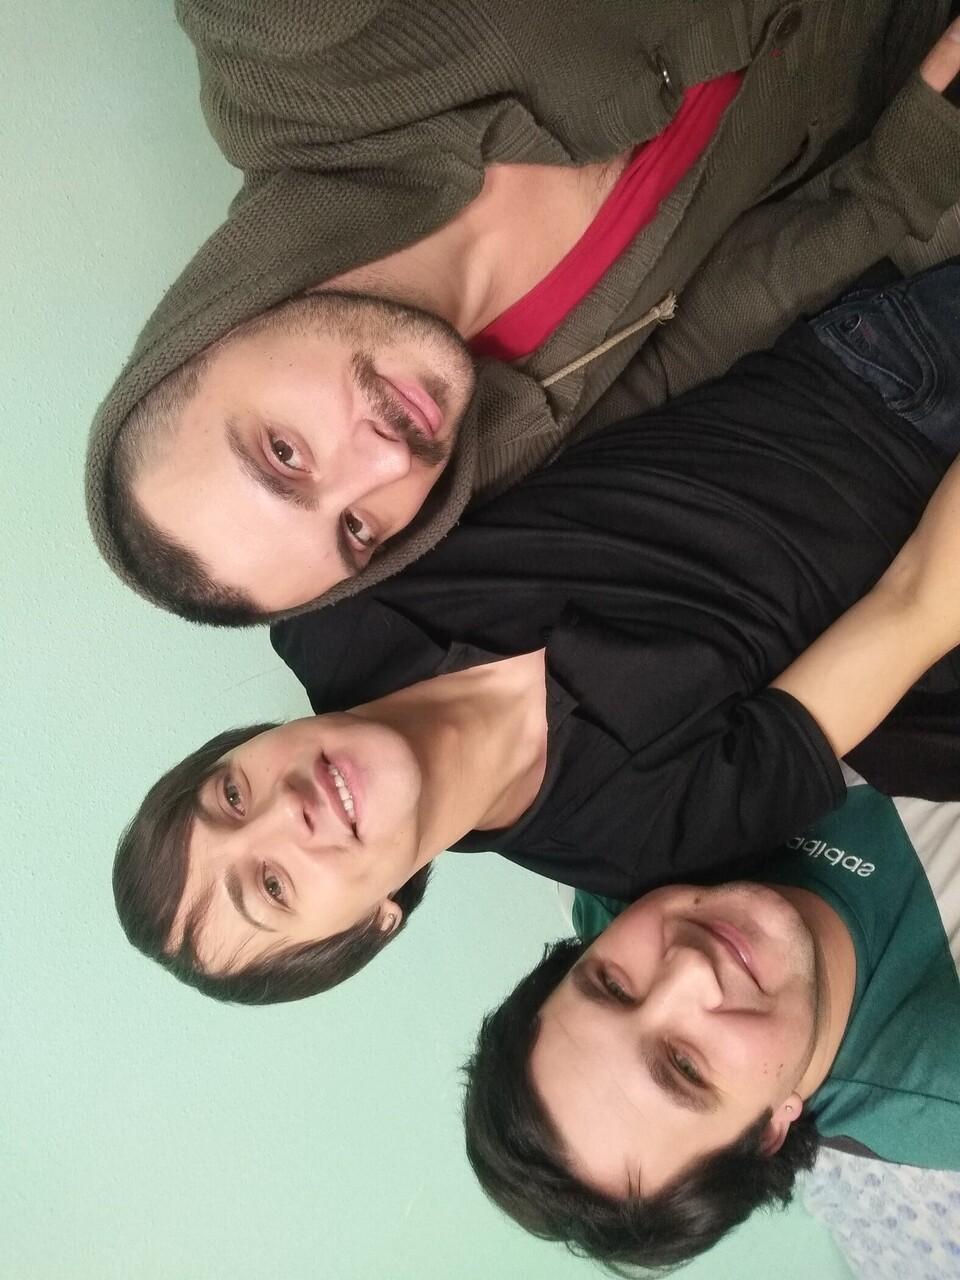 #веселаякомпания #отдыхаем #friends #boys #men #mans #manstyle #друзяки #друзья #парни #selfie #селфи #киев #тусим #встречасдрузьями #хорошеенастроение #collage #chernikov #дмитрийчерников #черников #димачерников #photo